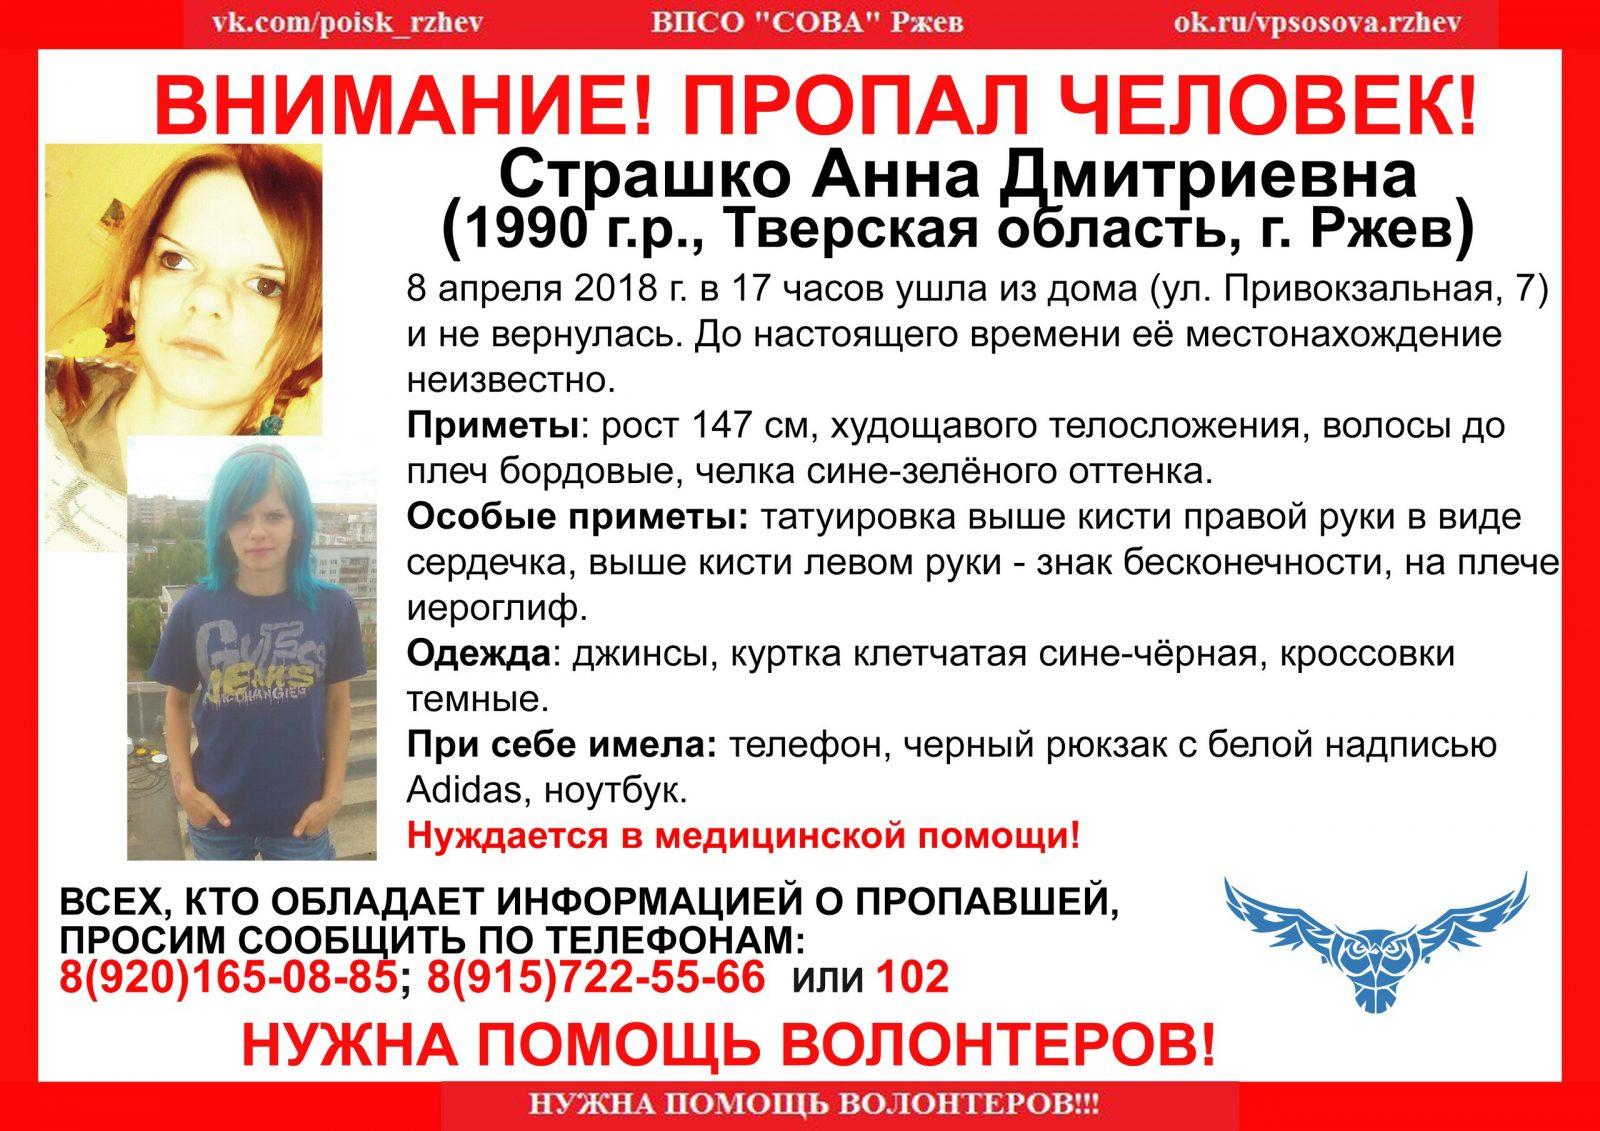 Пропала Страшко Анна Дмитриевна (1990 г.р.)